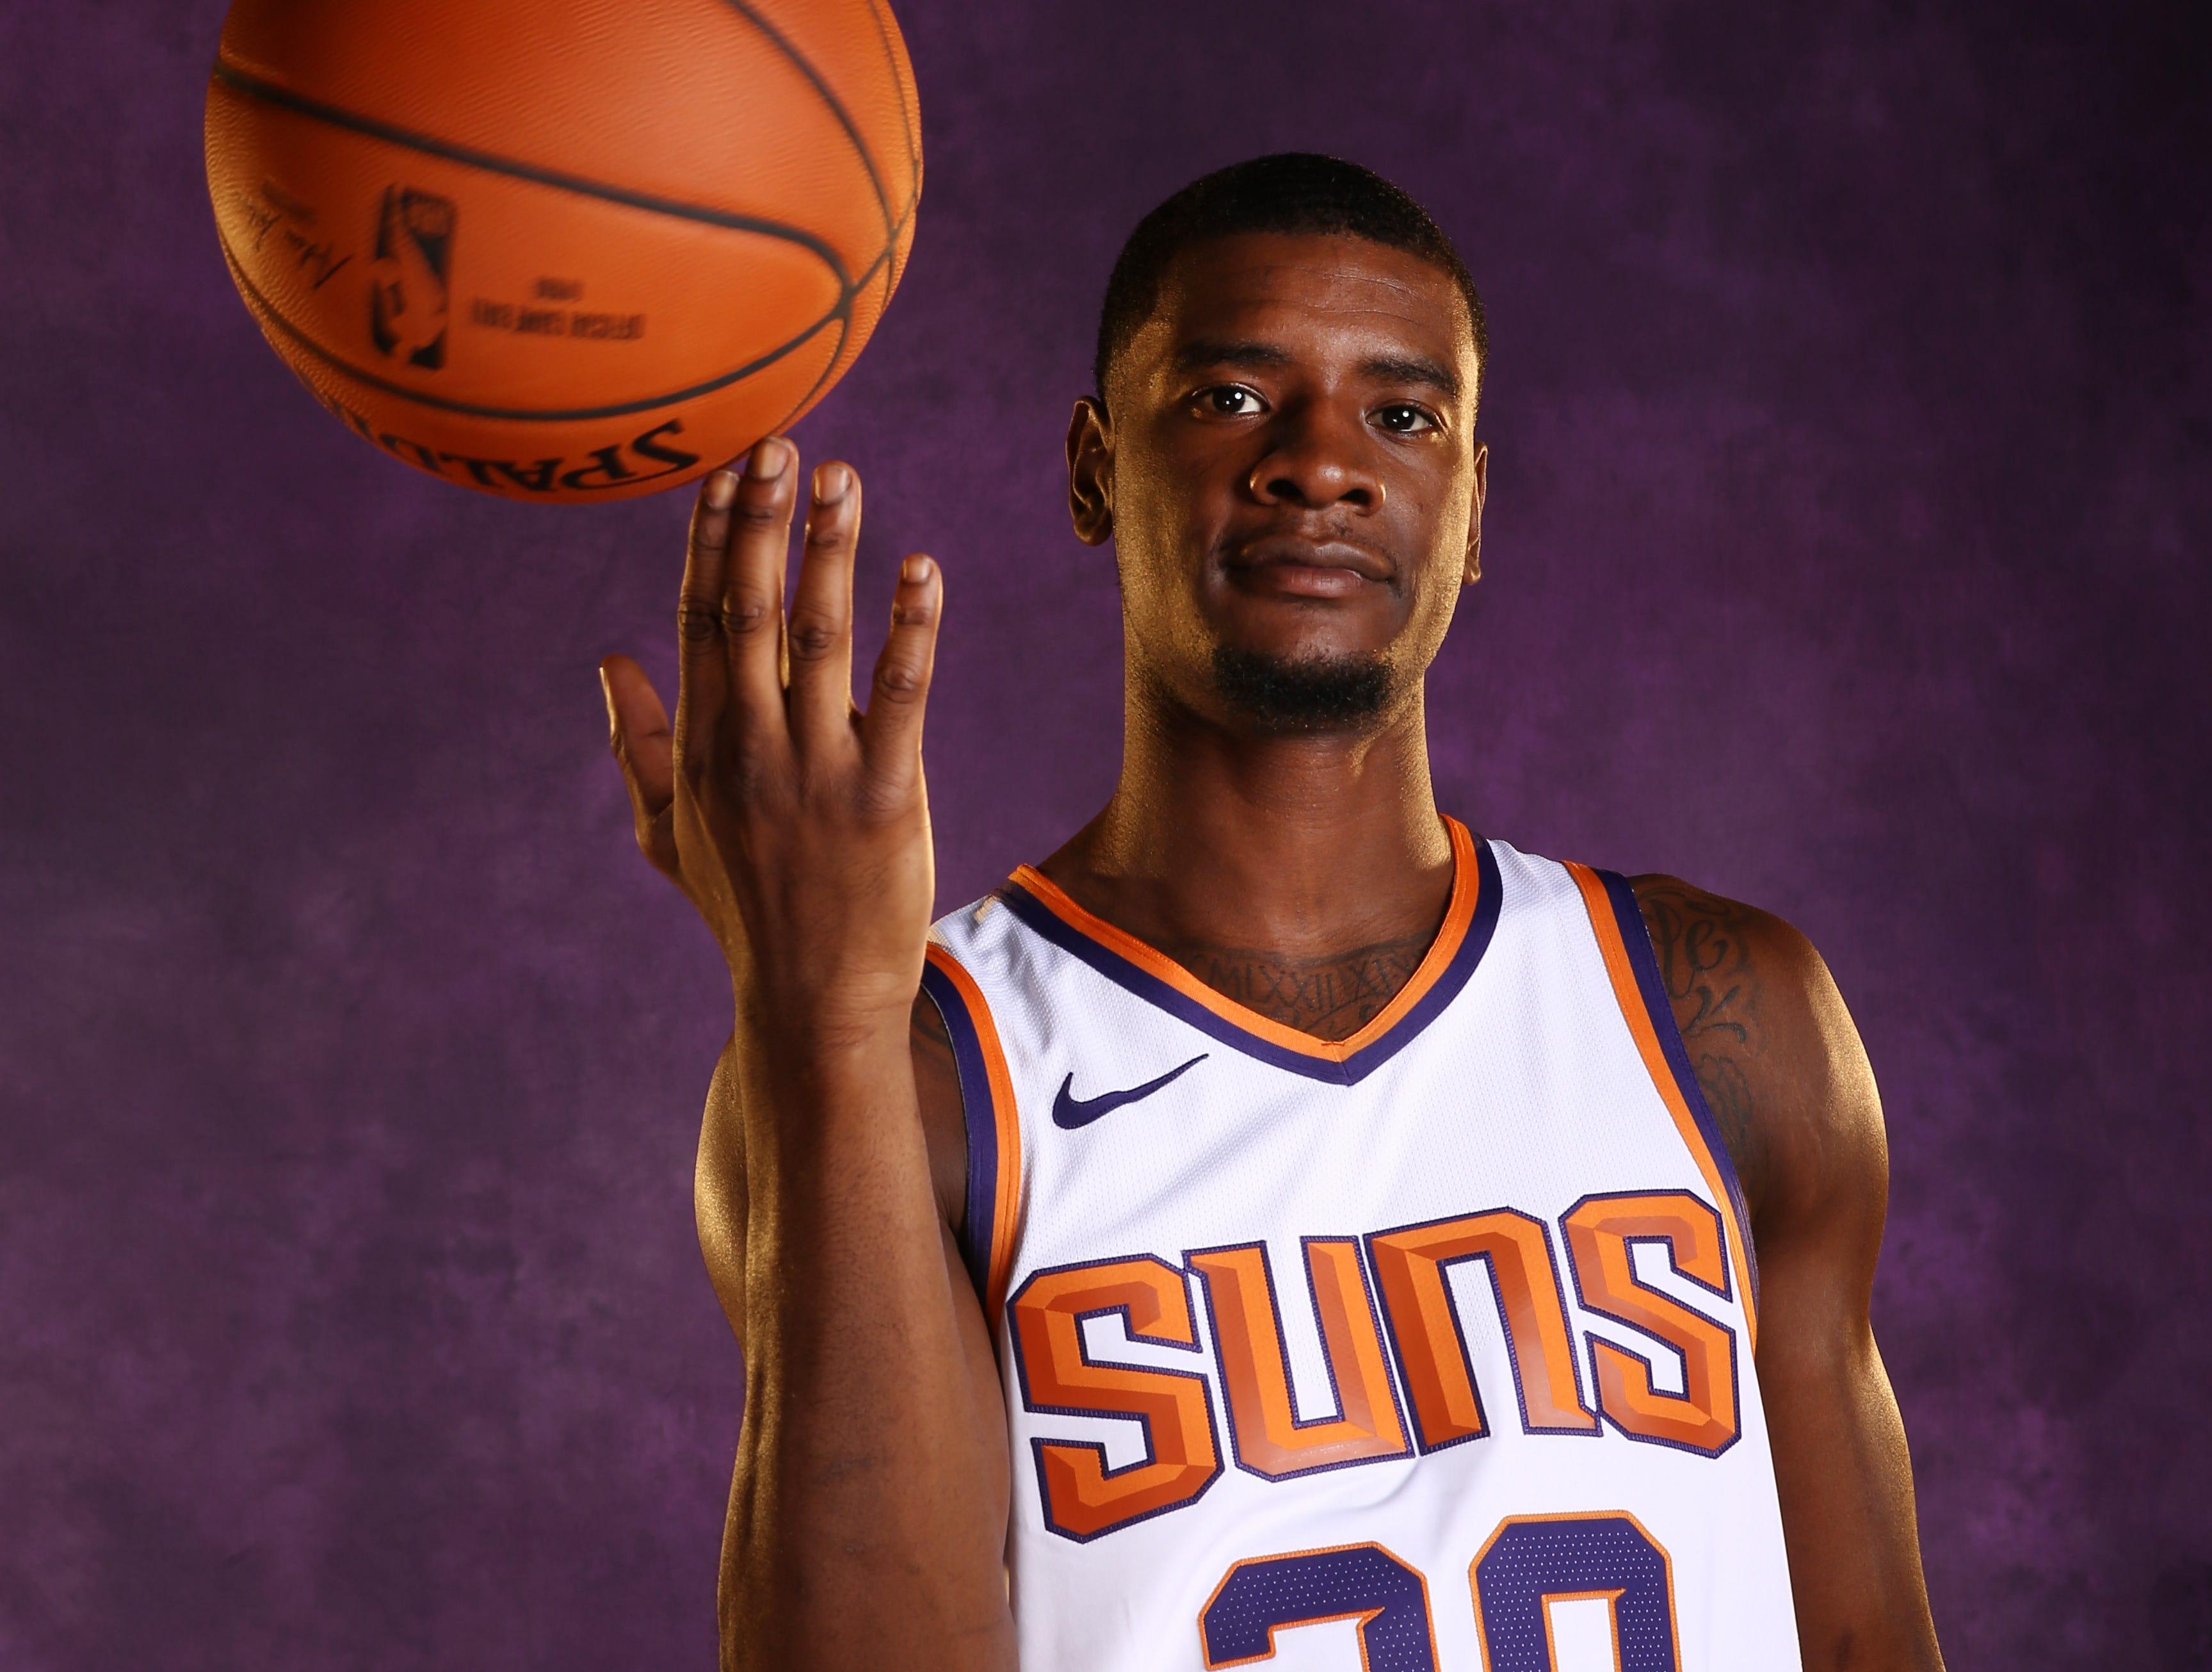 Josh Jackson    Position: Forward    Height/Weight: 6-8, 200